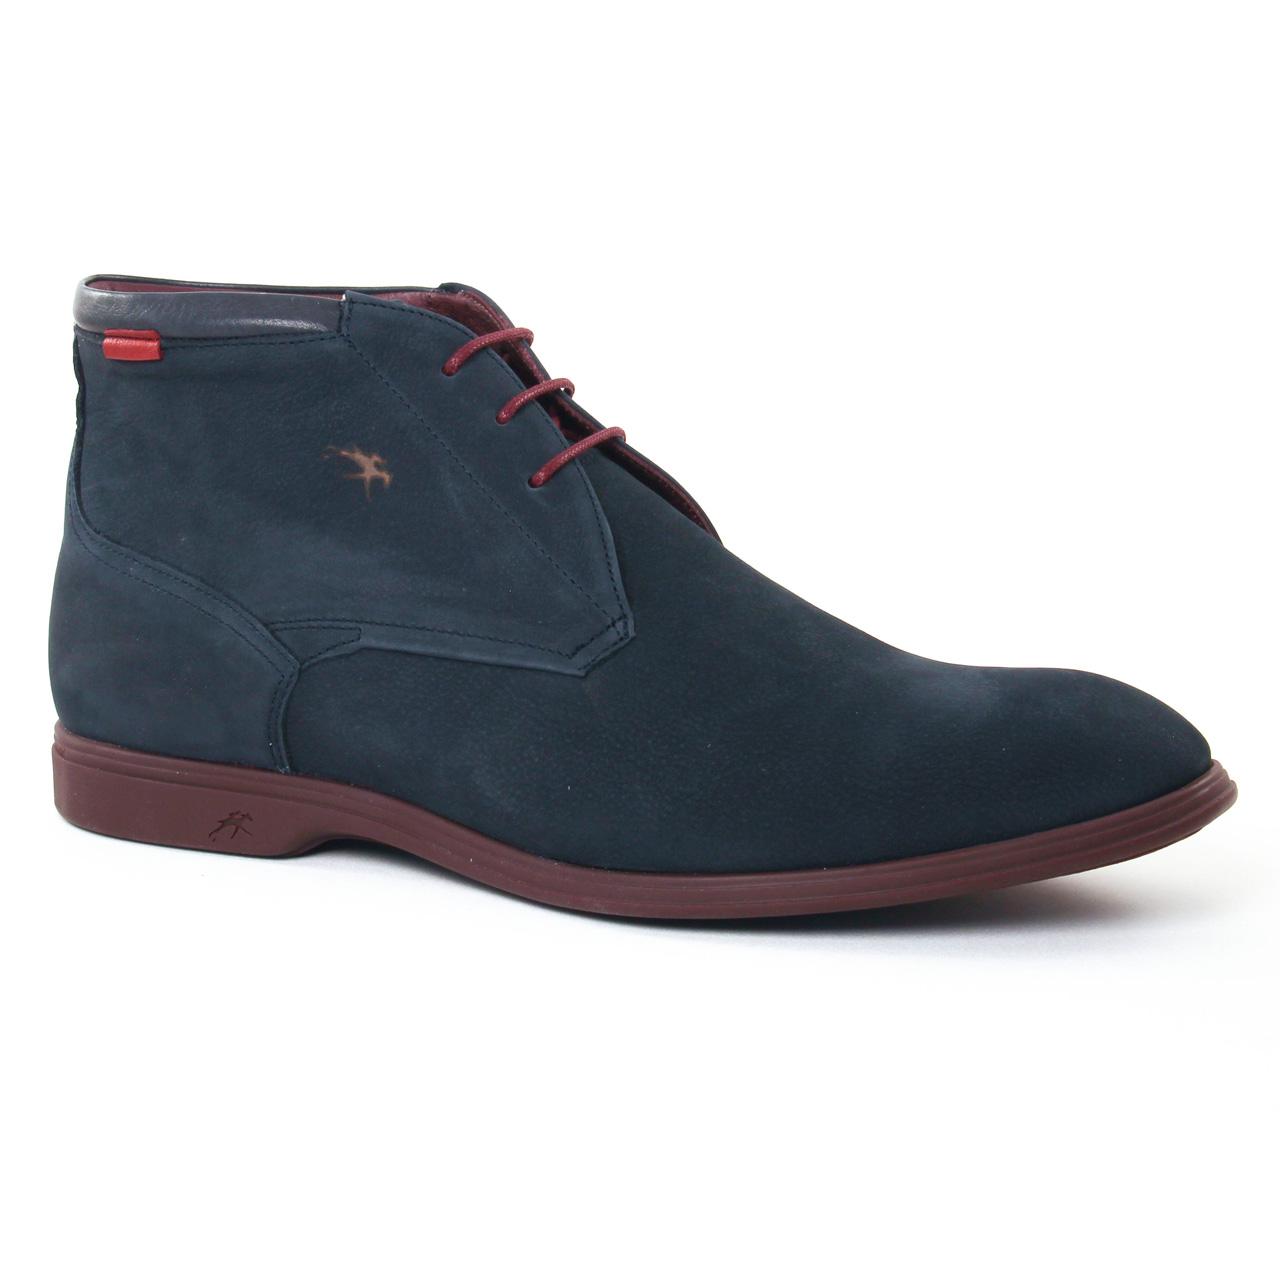 fluchos 8838 marine chaussure montantes bleu marine automne hiver chez trois par 3. Black Bedroom Furniture Sets. Home Design Ideas